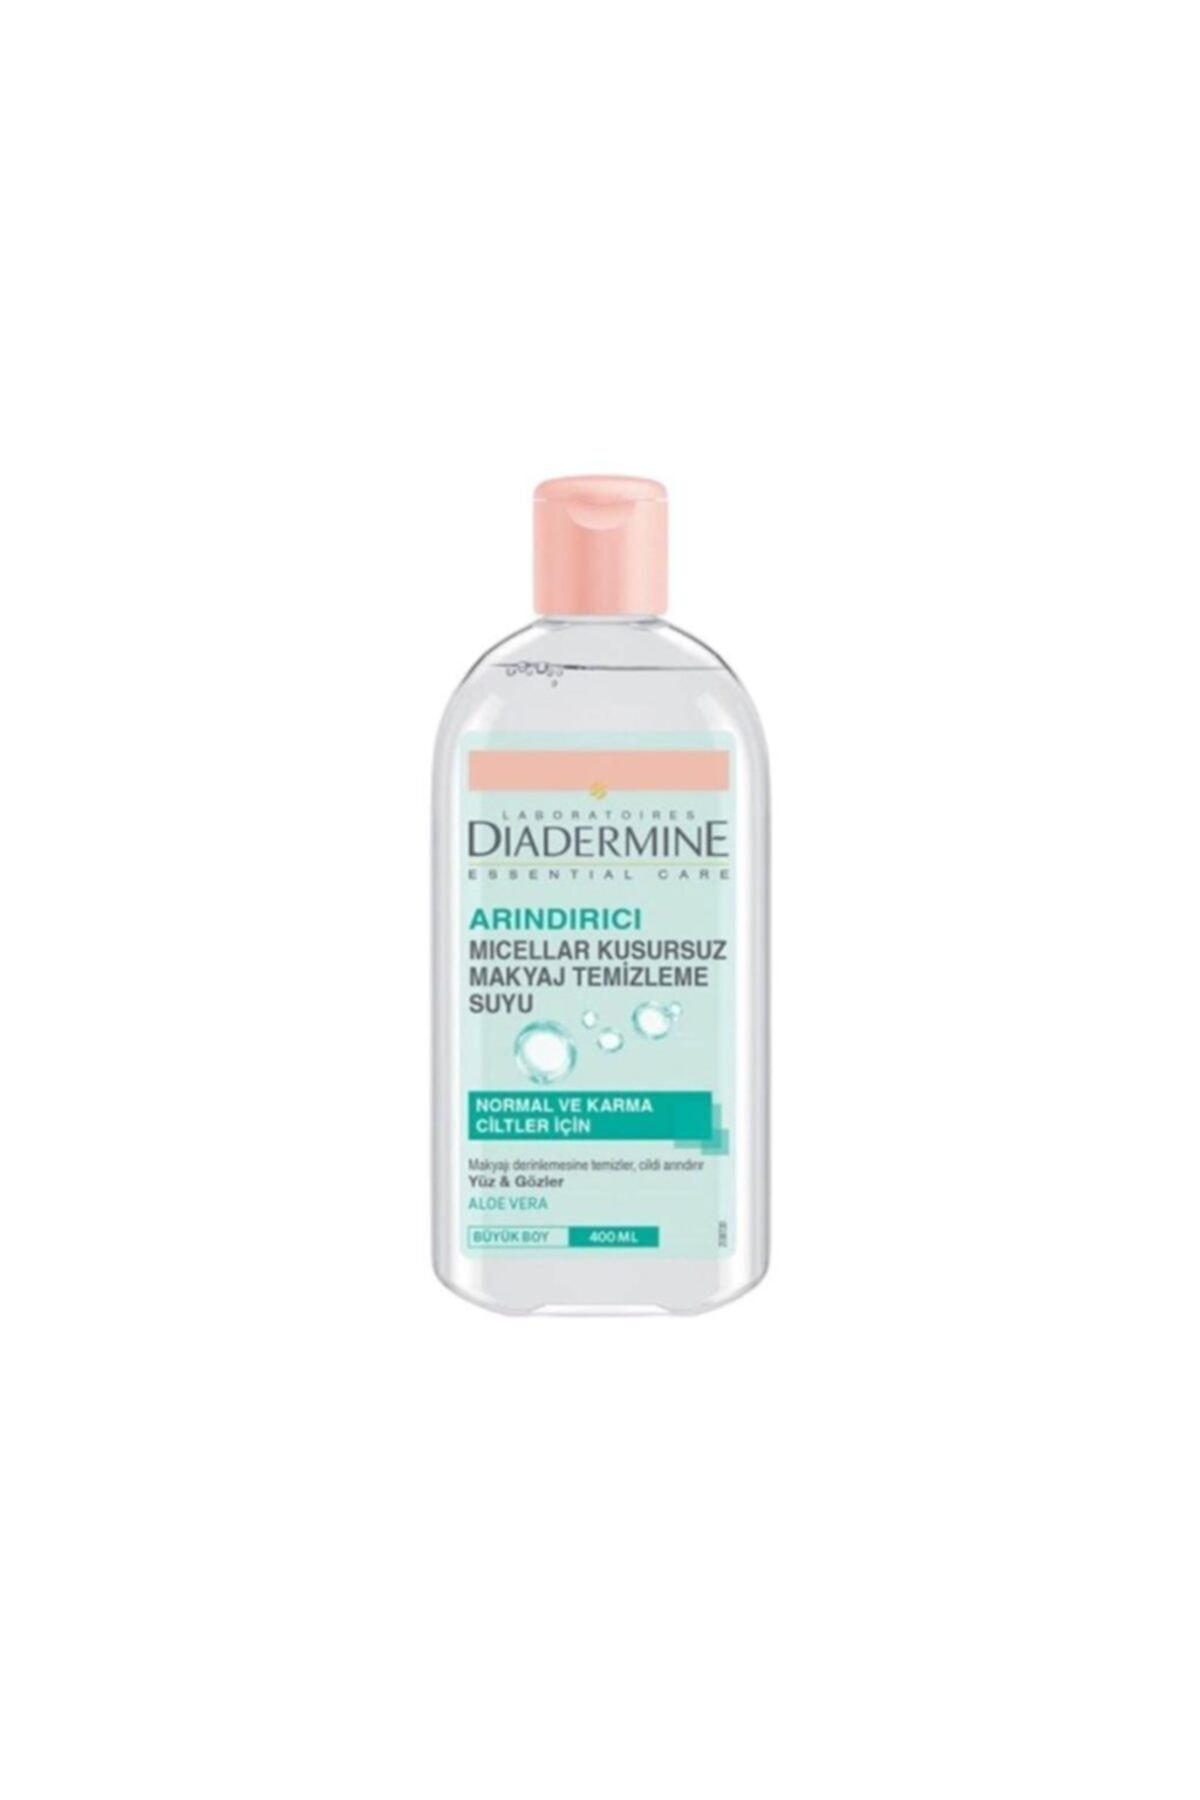 Diadermine Essentials Micellar Arındırıcı Temizleme Suyu 400 ml 1